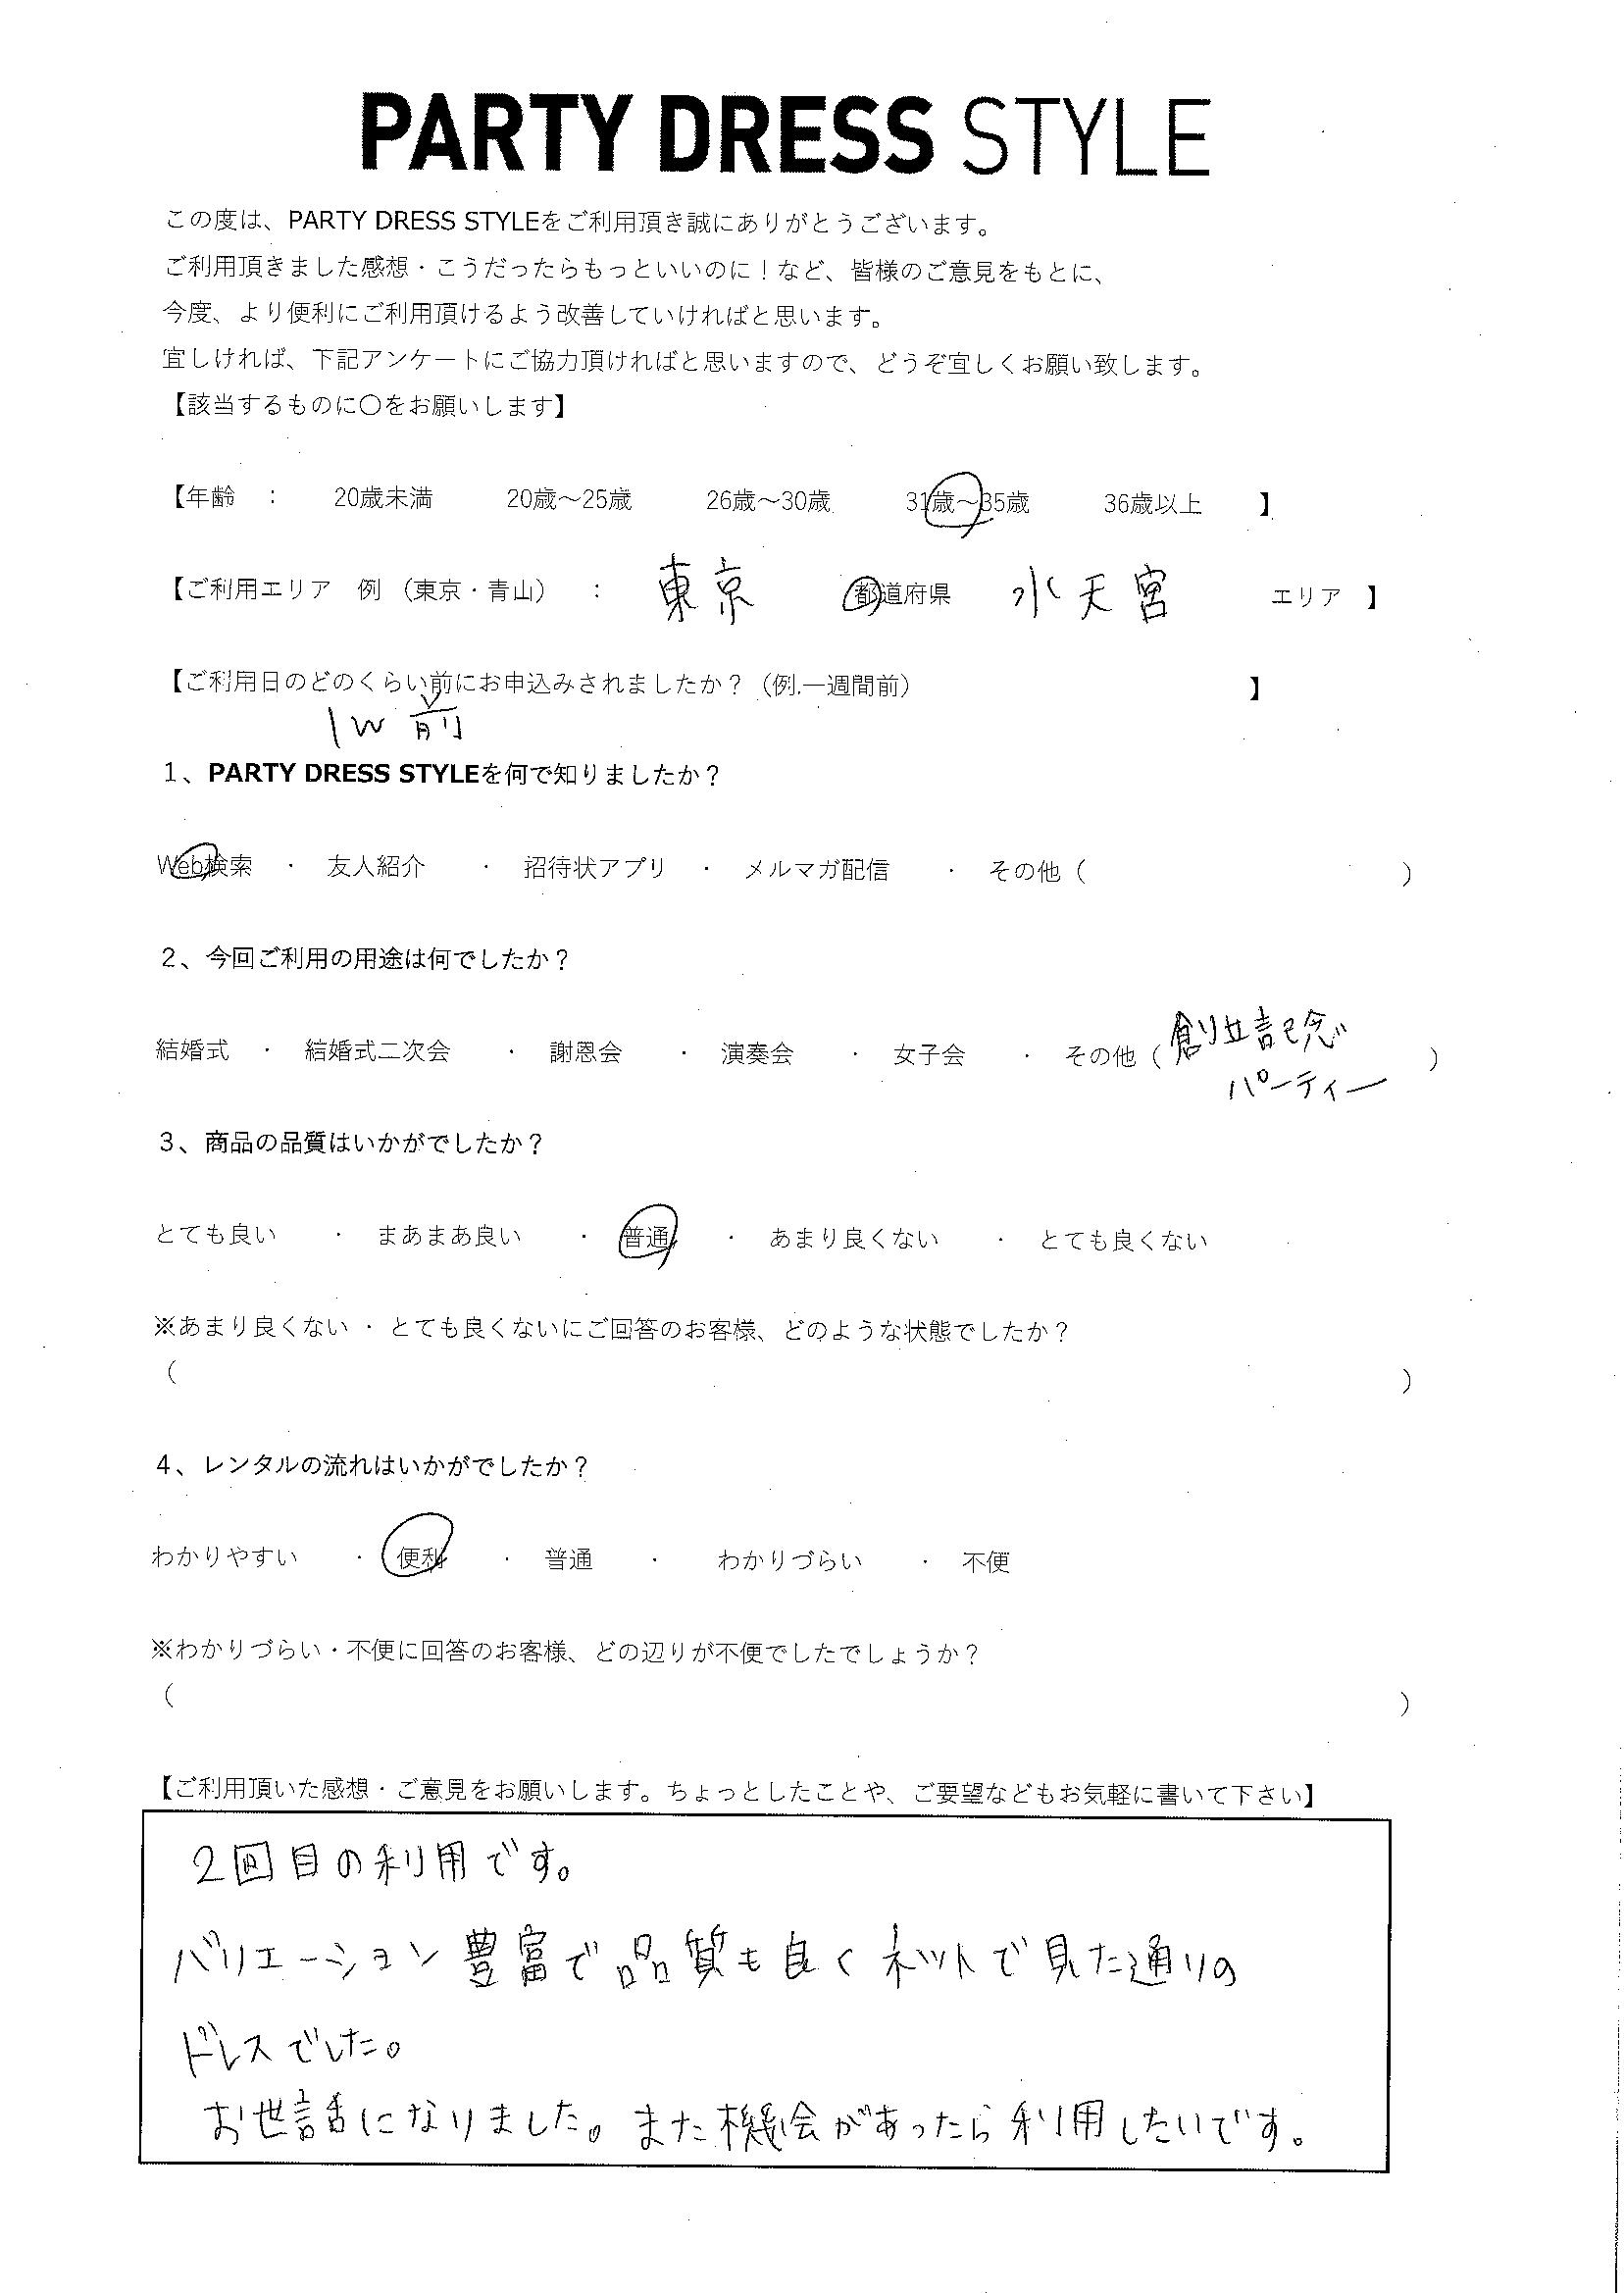 2月18日その他パーティご利用 東京・水天宮エリア